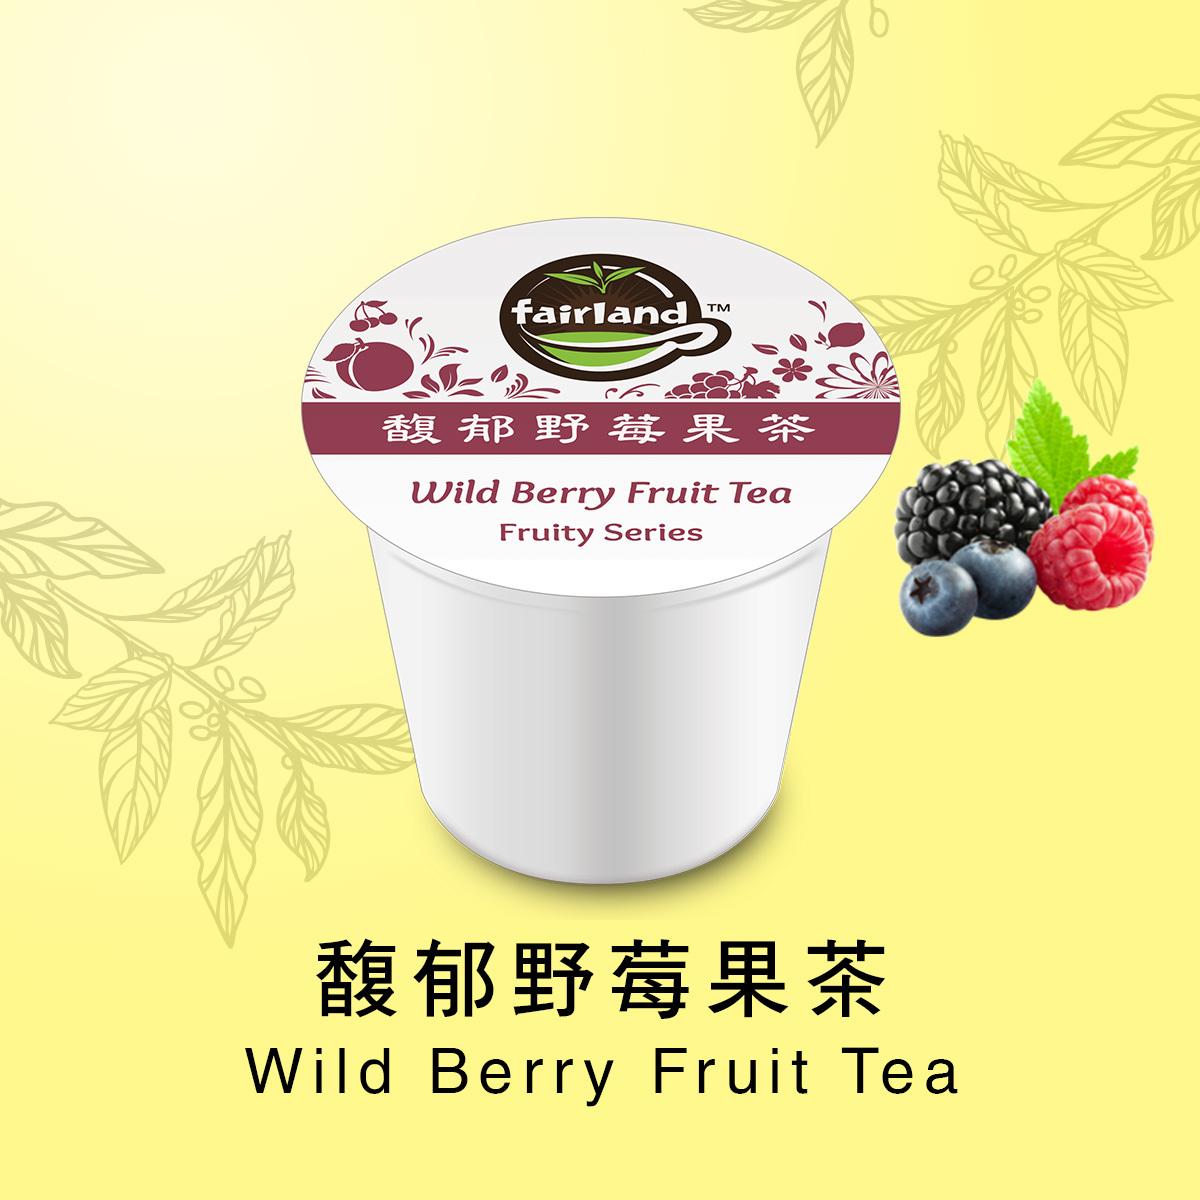 斐然莊園-馥郁野莓果茶 Wild Berry Fruit Tea.jpg